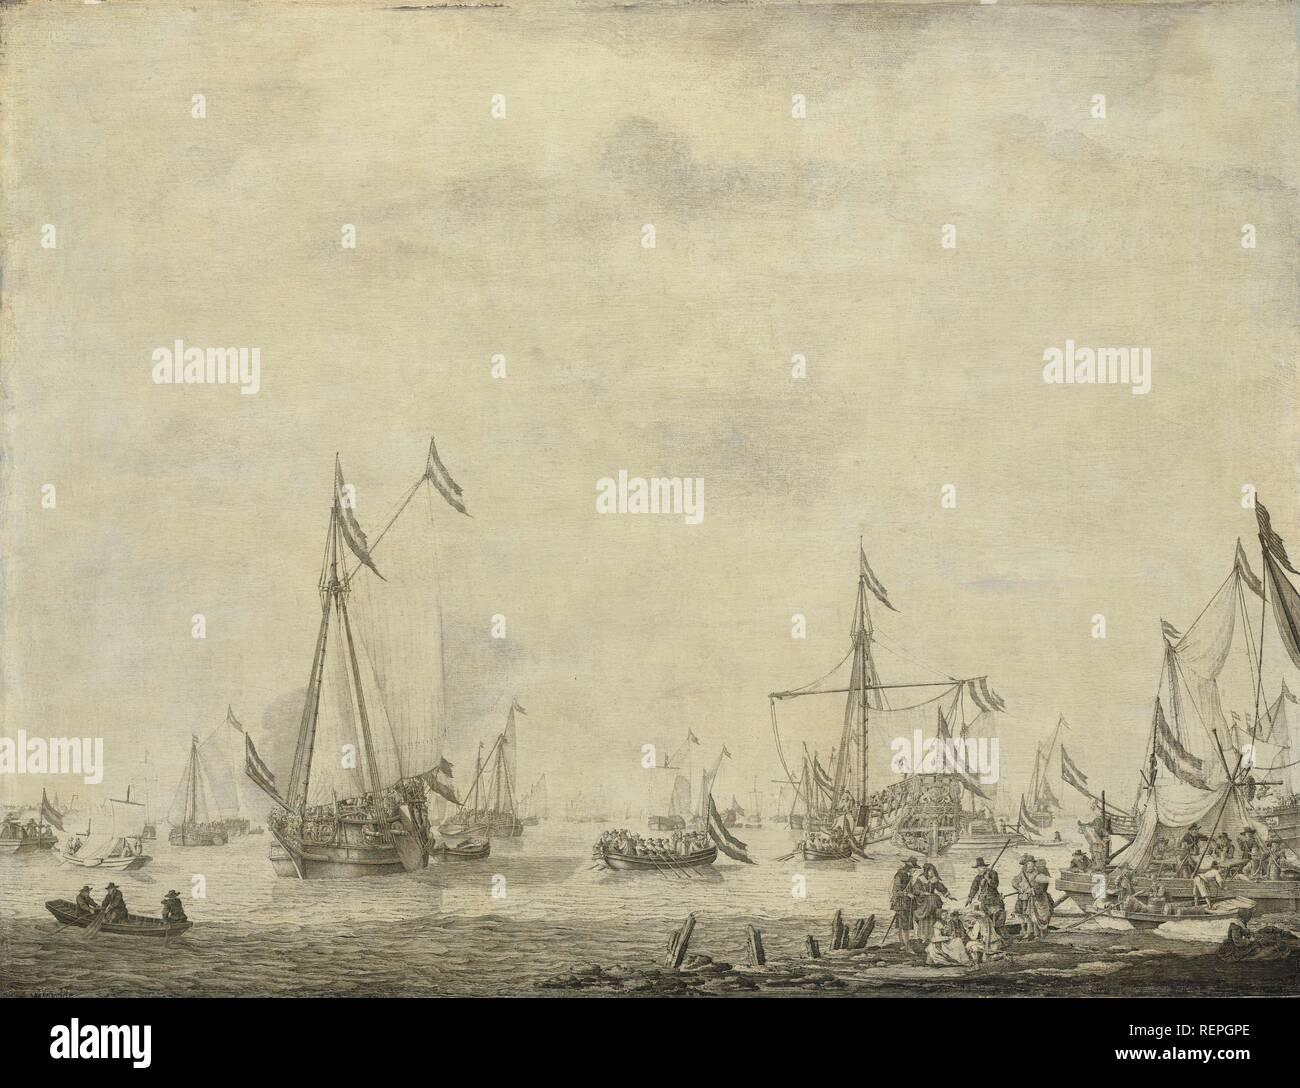 Royal Yacht y Estado vela yate desde Moerdijk con Carlos II, Rey de Inglaterra, a bordo, 1660. Datación: 1660 - 1693. Mediciones: H 61 cm × 80 cm; w d 6.5 cm. Museo: Rijksmuseum, Amsterdam. Autor: Willem van de Velde (I). Imagen De Stock